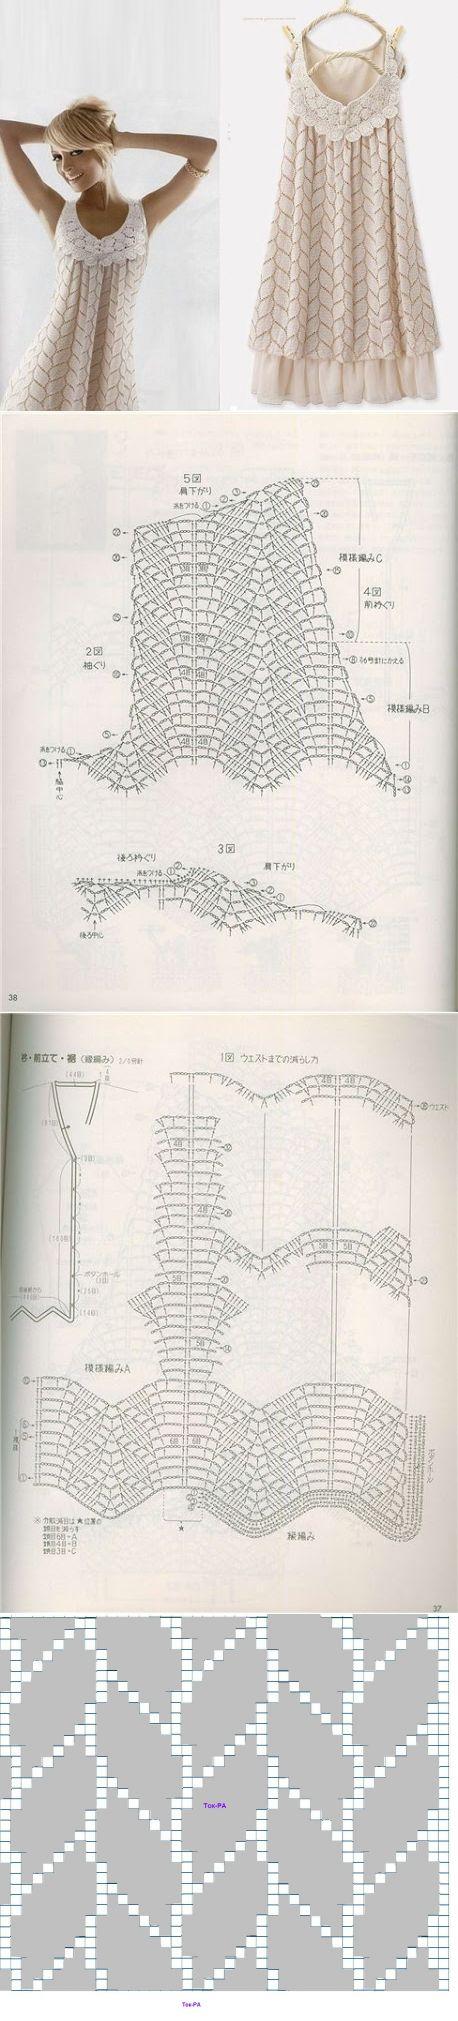 схема вязания жилета из пуха